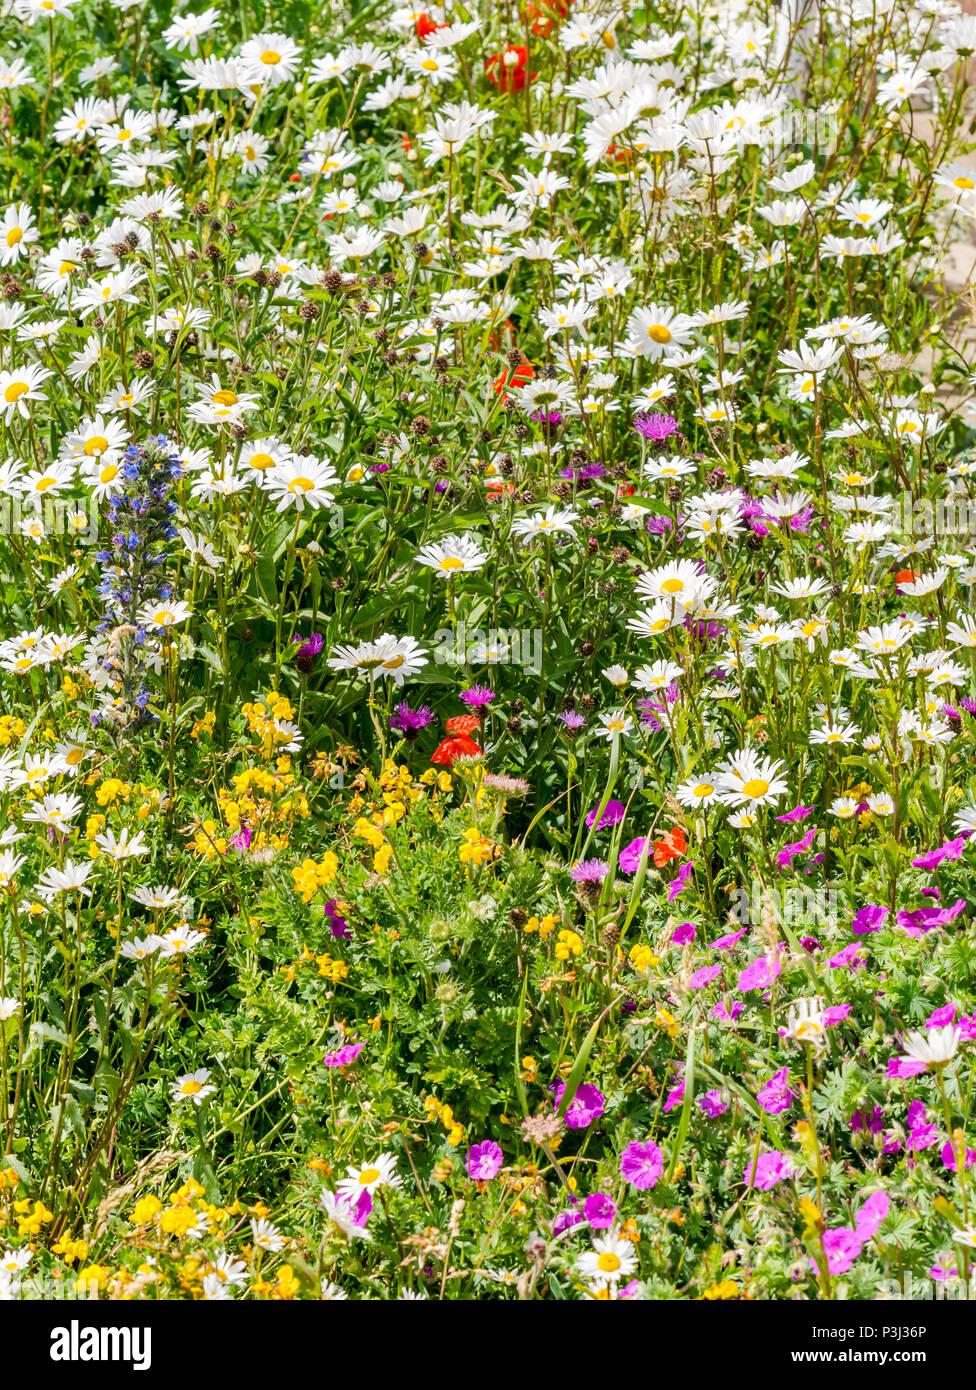 variety-of-mixed-coastal-wildflowers-at-